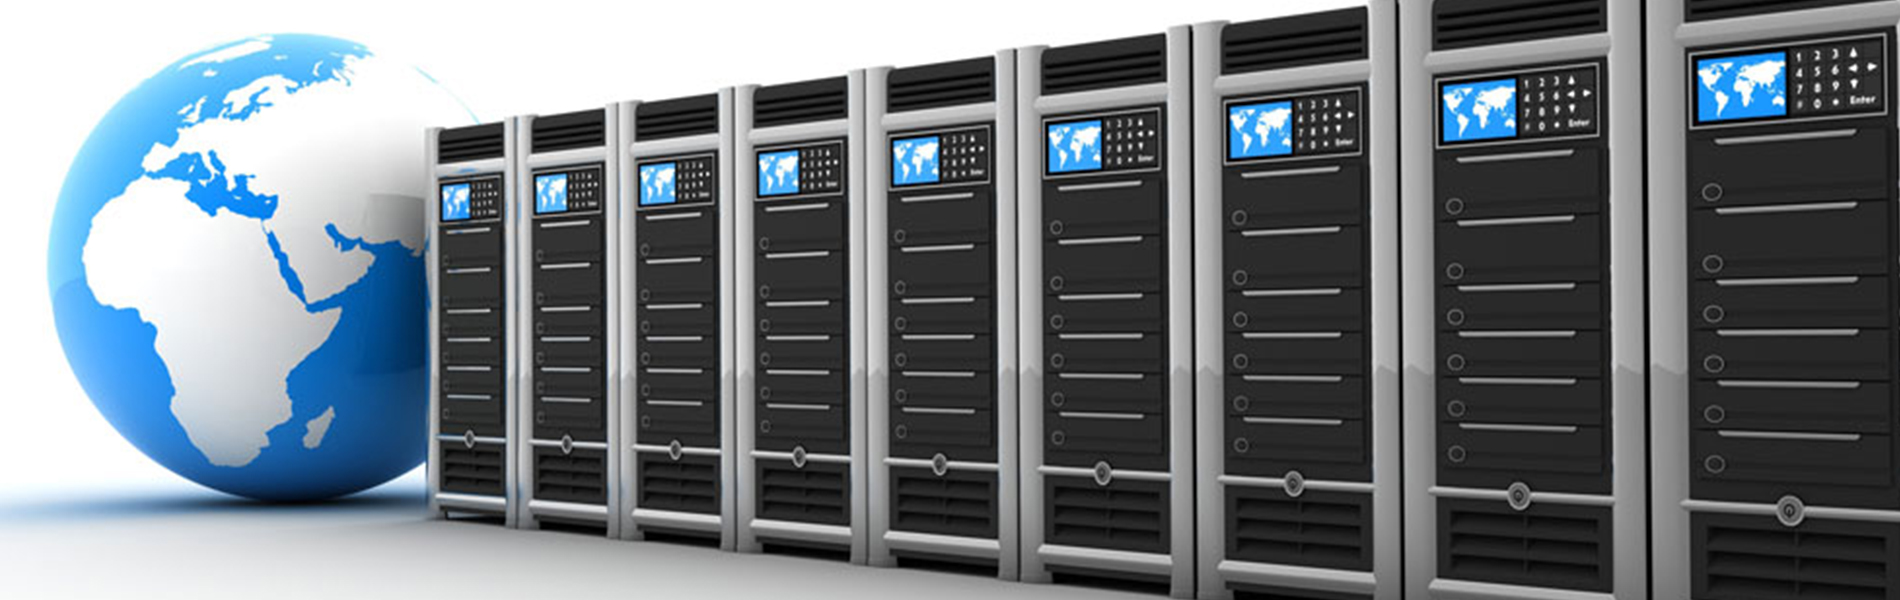 Mentenanță IT&C, instalare şi configurare servere